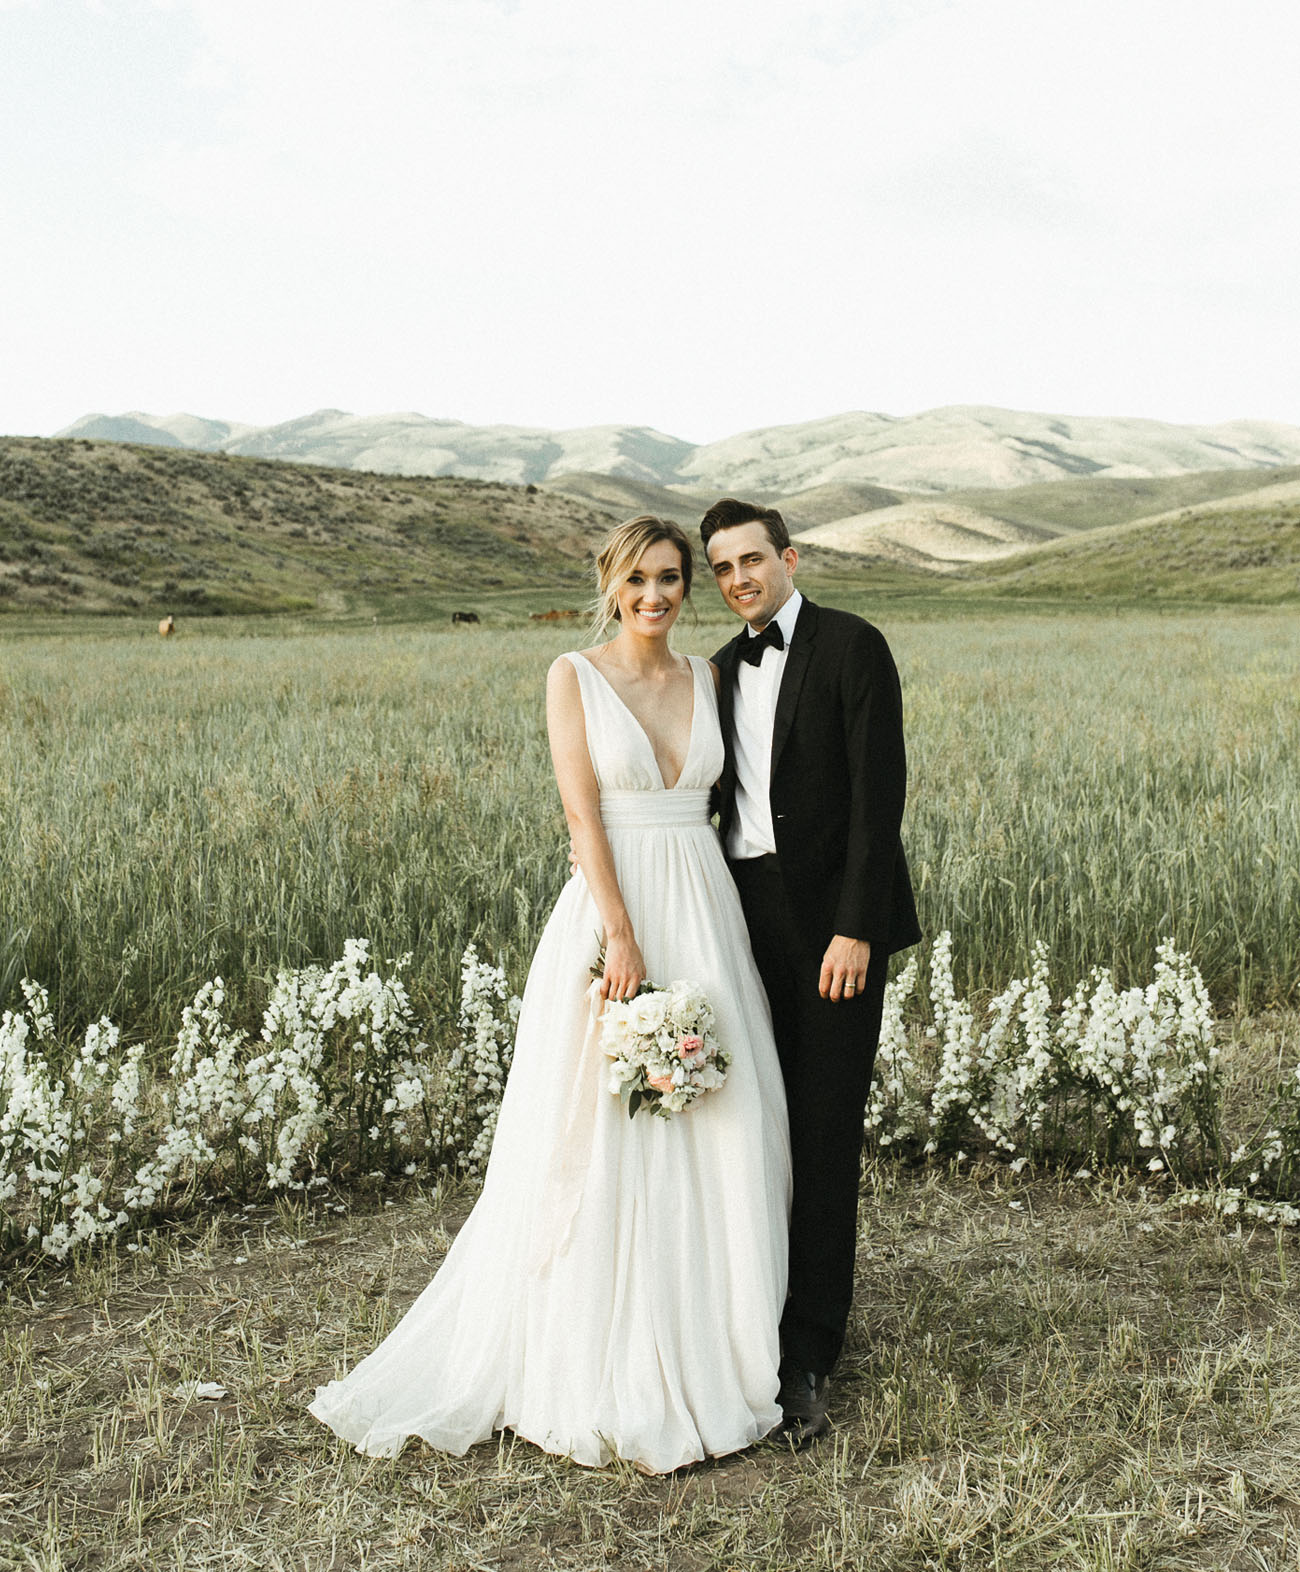 Razones para elegir una boda íntima